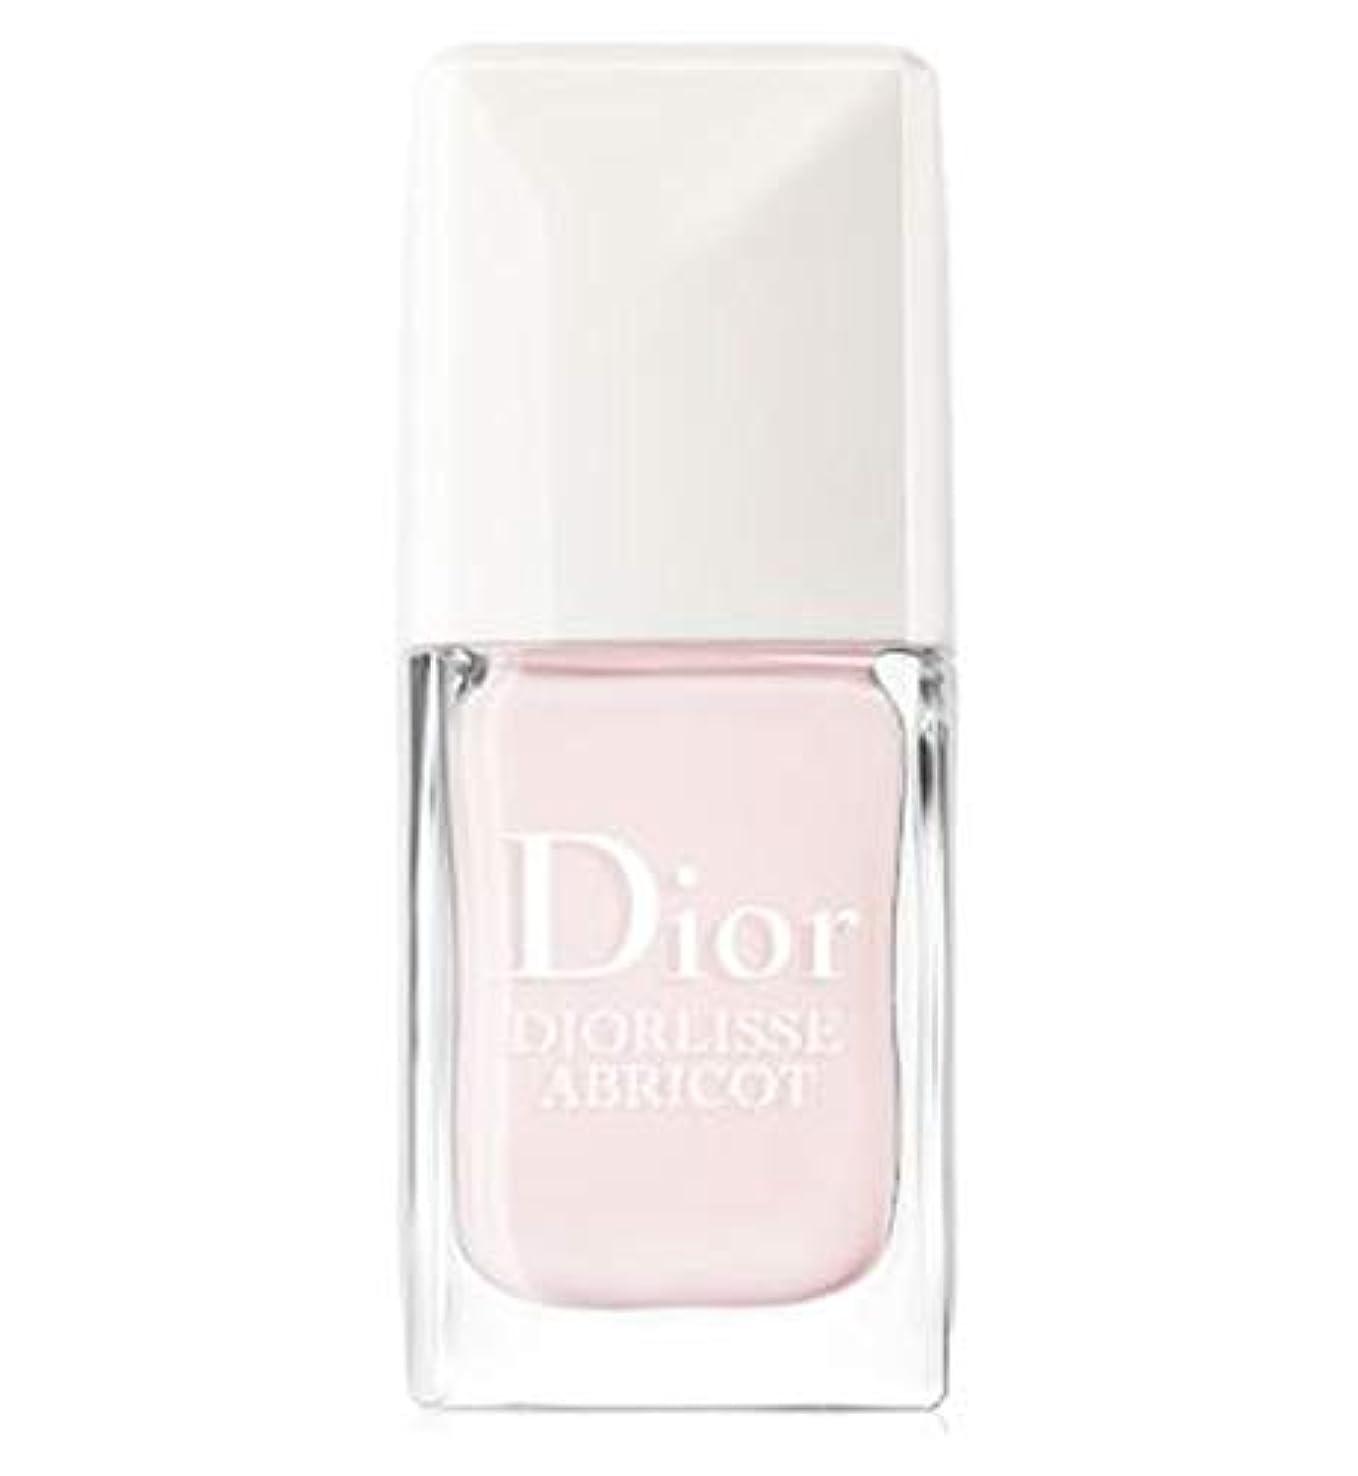 細分化するモニター吹雪[Dior ] ピンクの花びらの10ミリリットルで完成ネイルケアを平滑化Abricot Diorlisse - Diorlisse Abricot Smoothing Perfecting Nail Care In Pink...